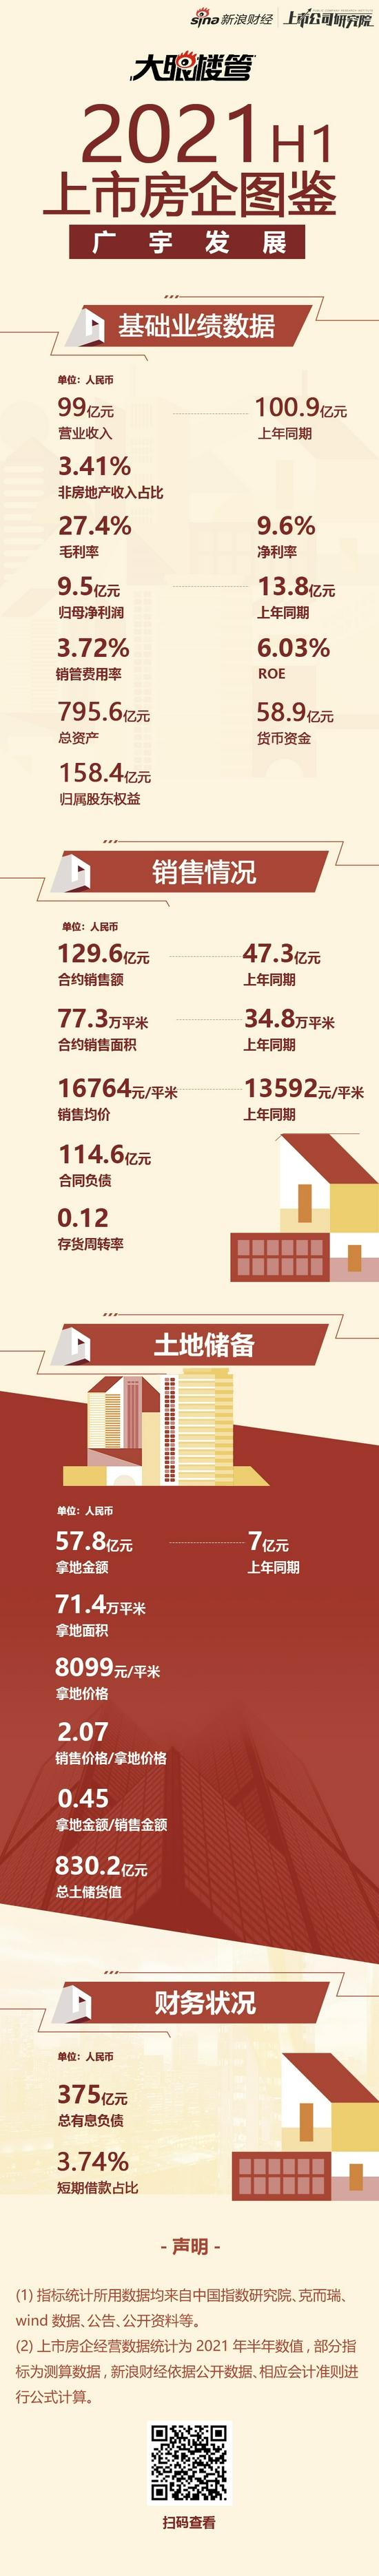 广宇发展:货币资金58.9亿元  拿地销售比45%